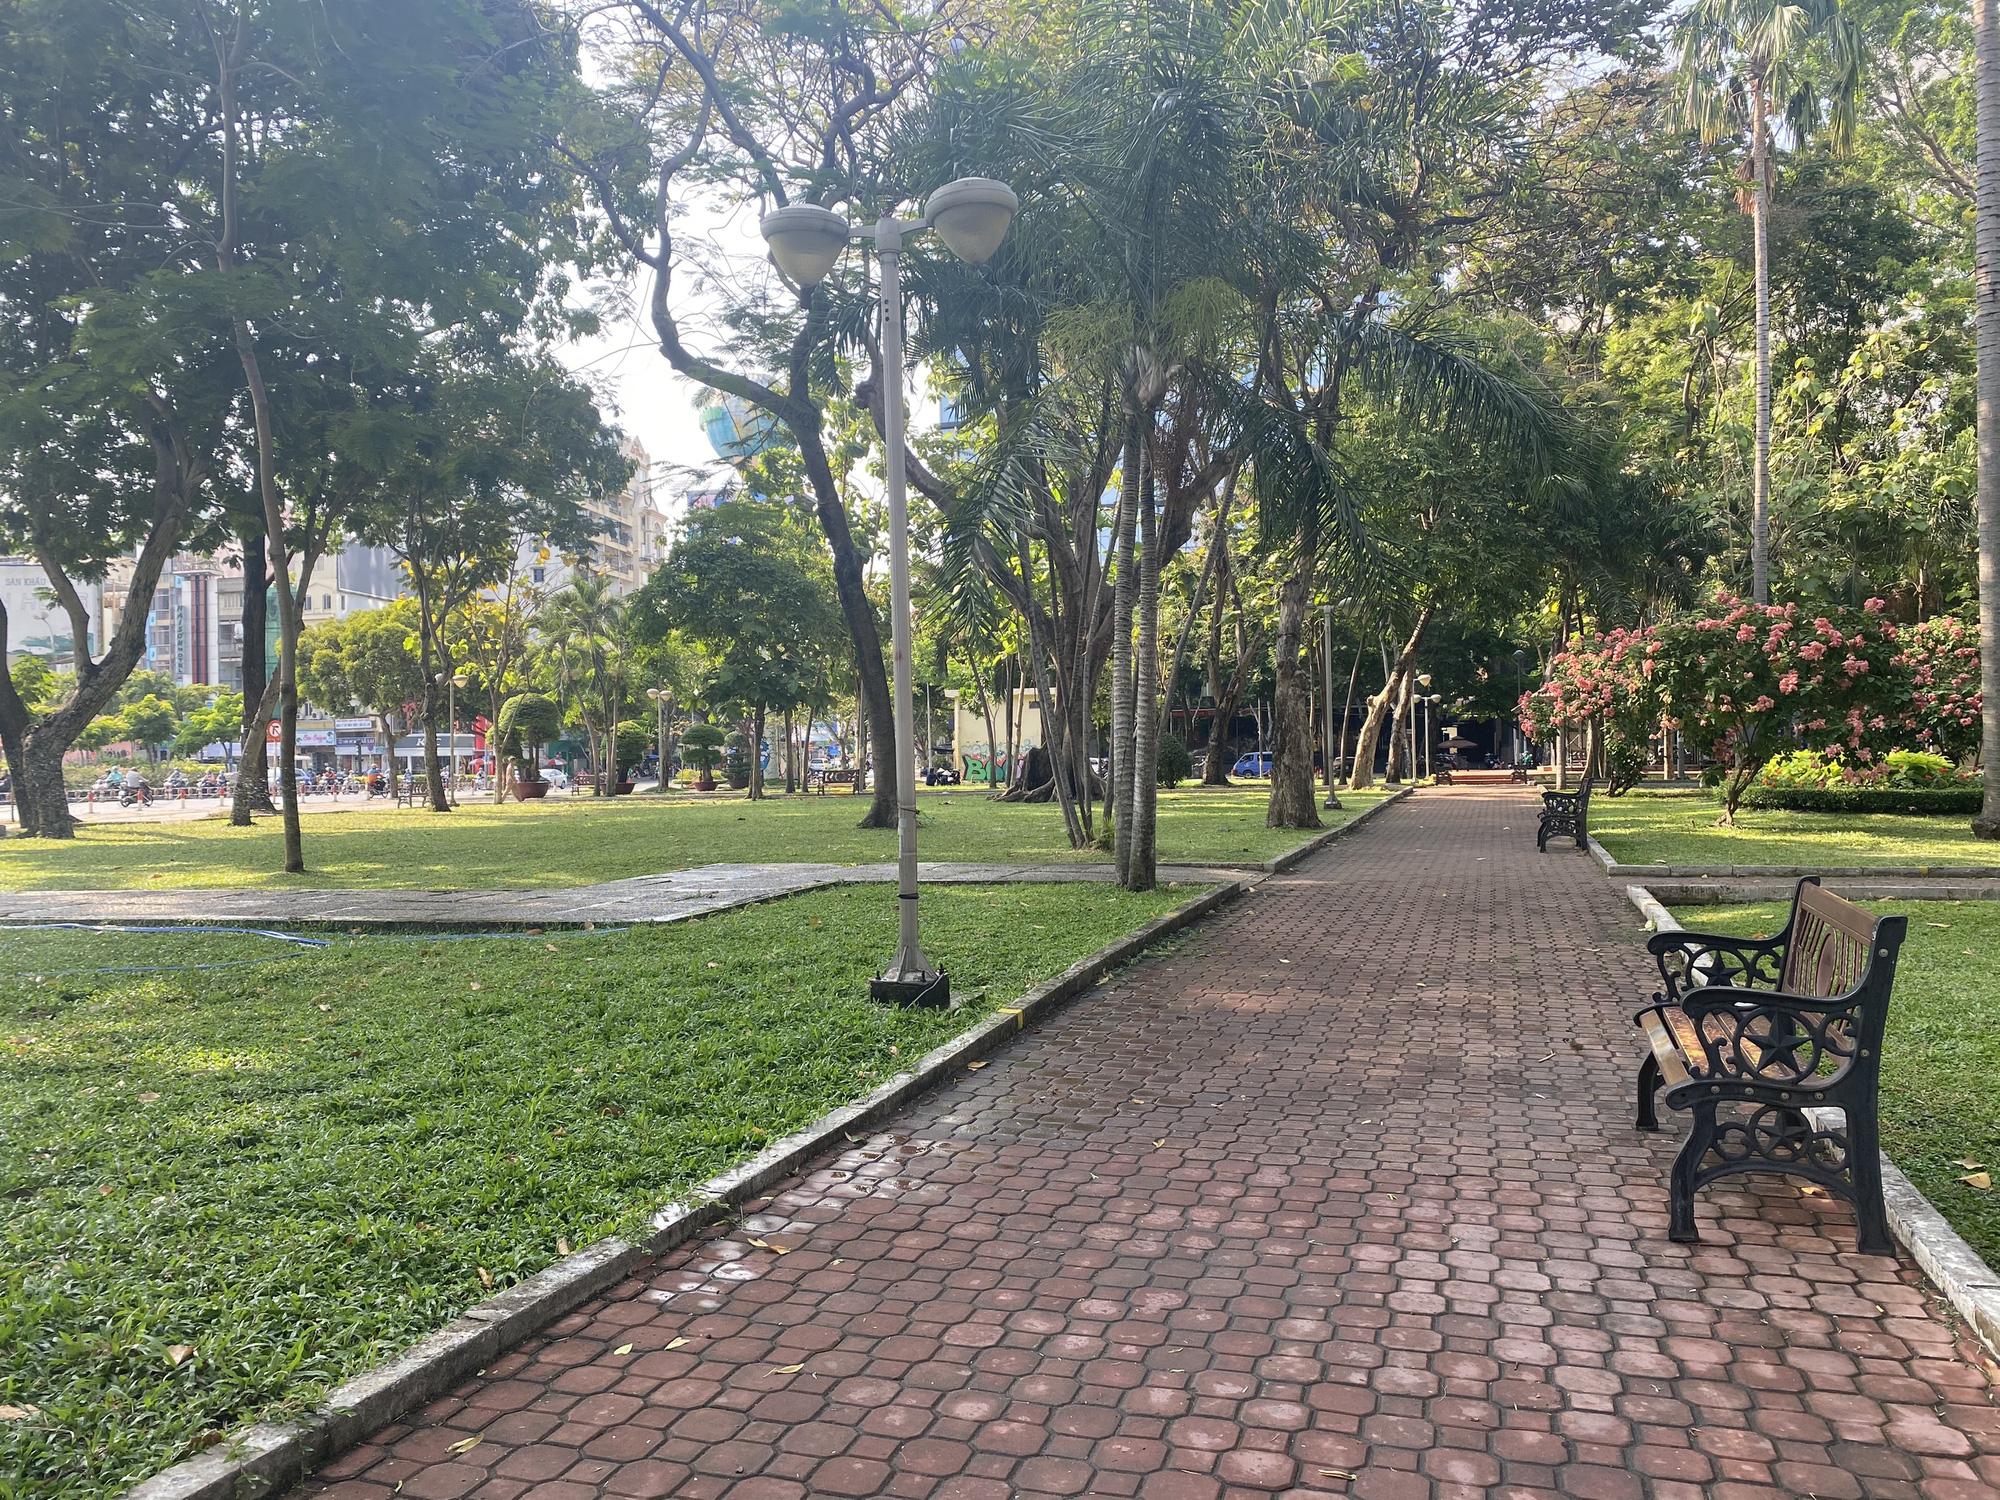 TP.HCM: Sân chơi công viên vắng ngắt, máy tập thể dục bị niêm phong sau lệnh tạm ngưng hoạt động phòng chống dịch Covid-19 - Ảnh 7.